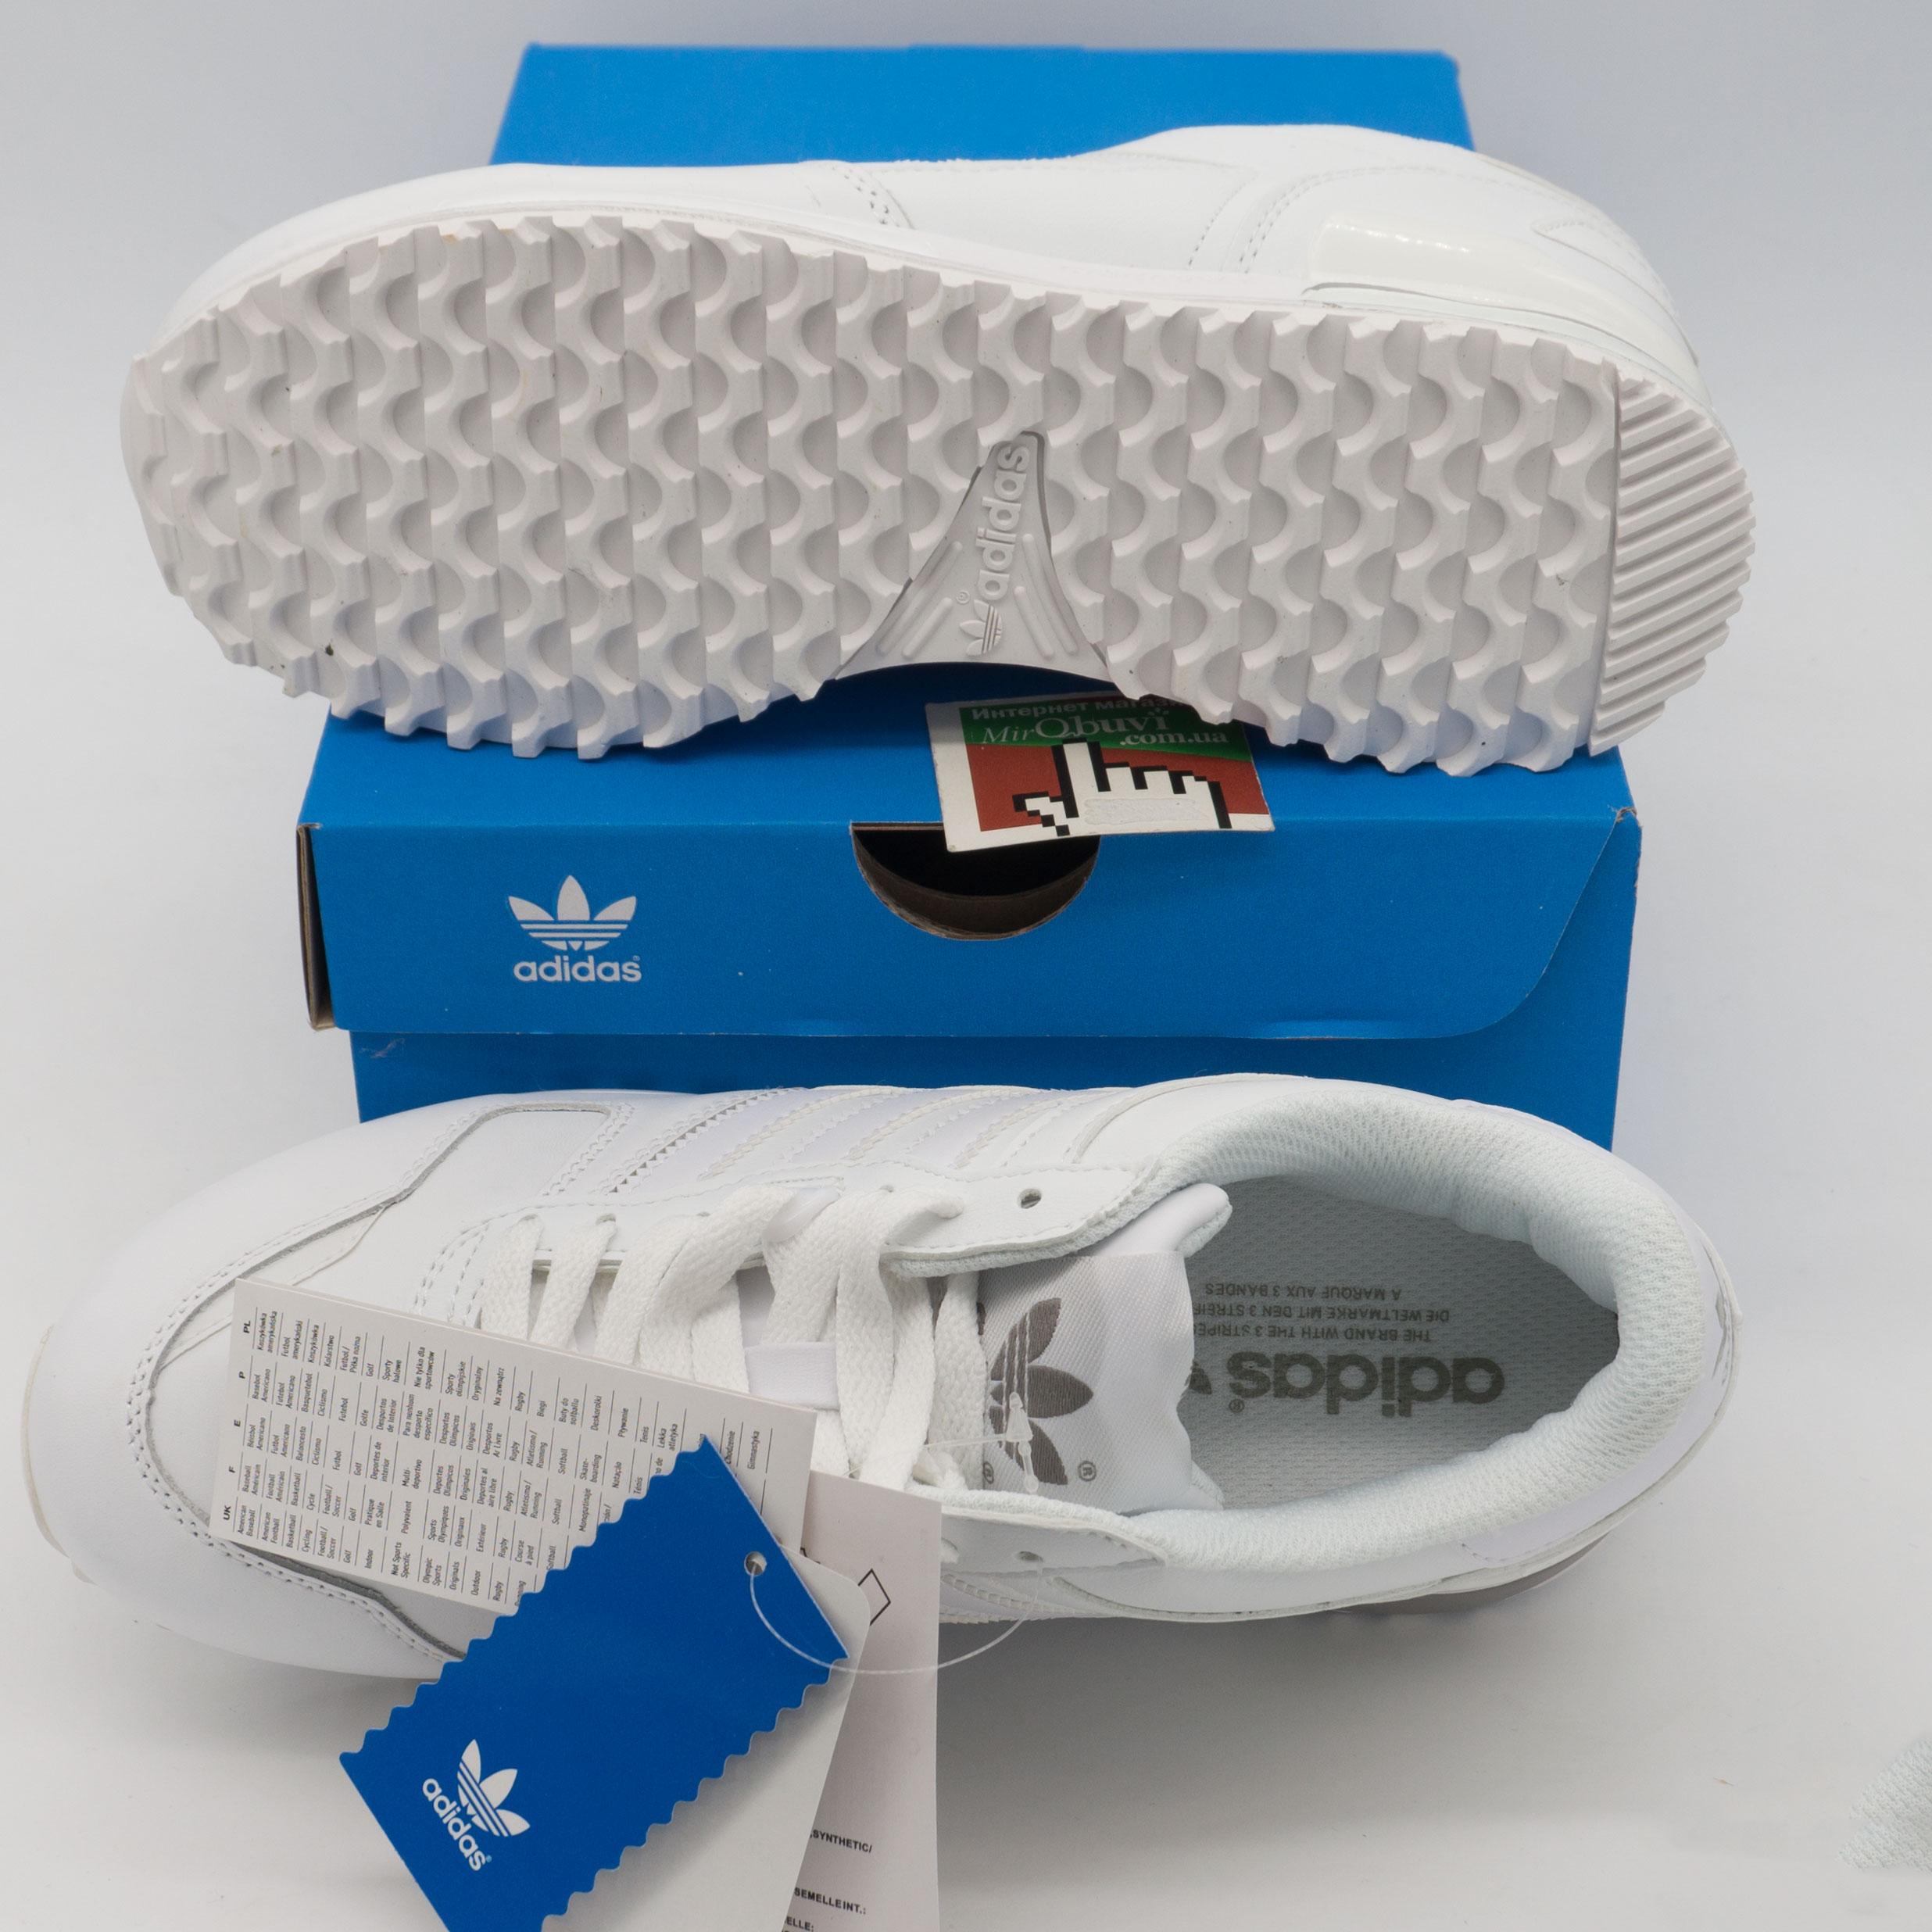 фото bottom Кожаные белые женские кроссовки Adidas zx700 - Топ качество! bottom